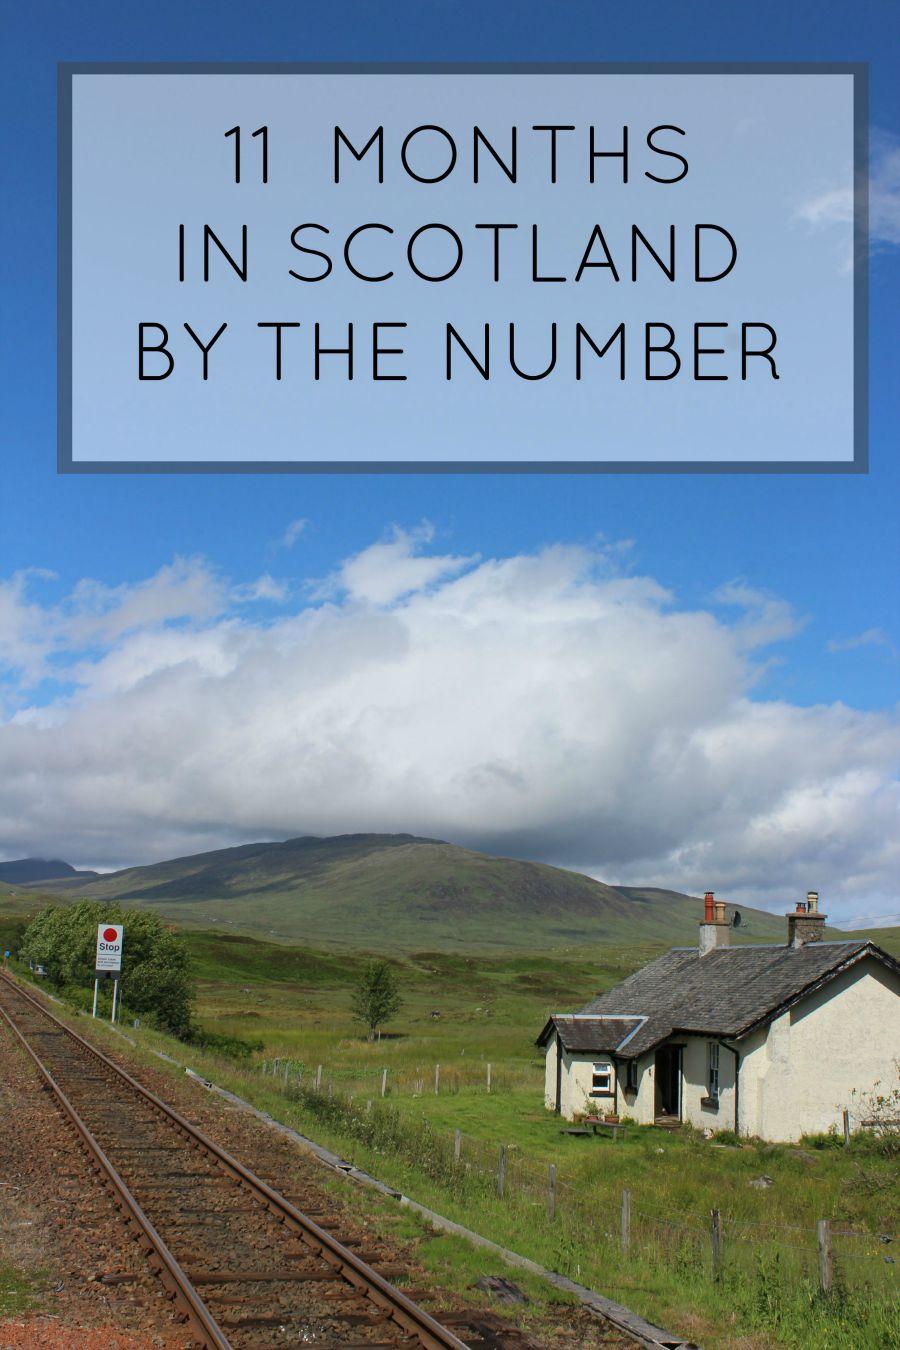 11 MONTHS IN SCOTLAND